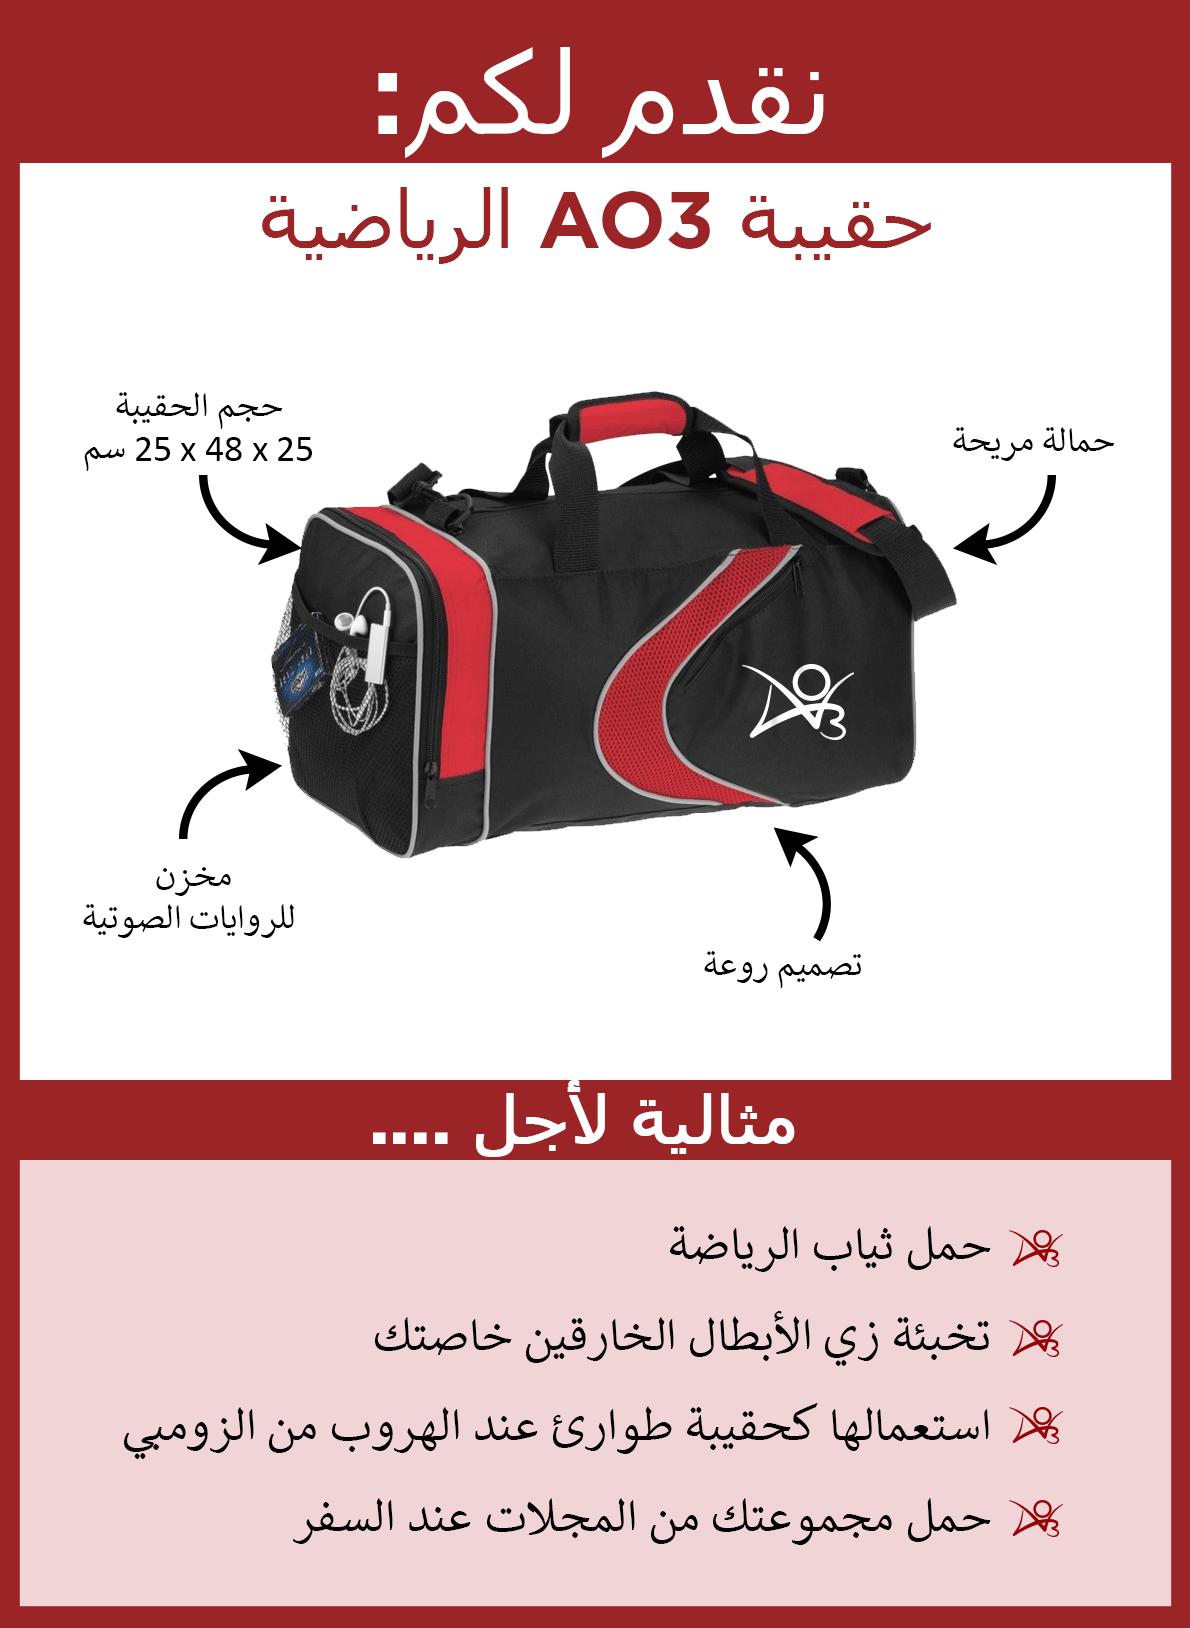 نقدم لكم حقيبة AO3 الرياضية. الحقيبة سوداء وعليها تصاميم باللون الأحمر، وعلى جانبها شعار AO3 باللون الأبيض. حجمها 25 في 48 في 25 سنتيمتراً. مزودة بحمالة فوق الكتف سهلة الاستعمال وجيب شبكي جانبي لتخزين القصص الصوتية. إنها مثالية لحمل ثياب الرياضة، تخبئة زي الأبطال الخارقين خاصتك، الاستعمال كحقيبة طوارئ عند الهروب من الزومبي، وحمل مجموعتك من المجلات عند السفر.